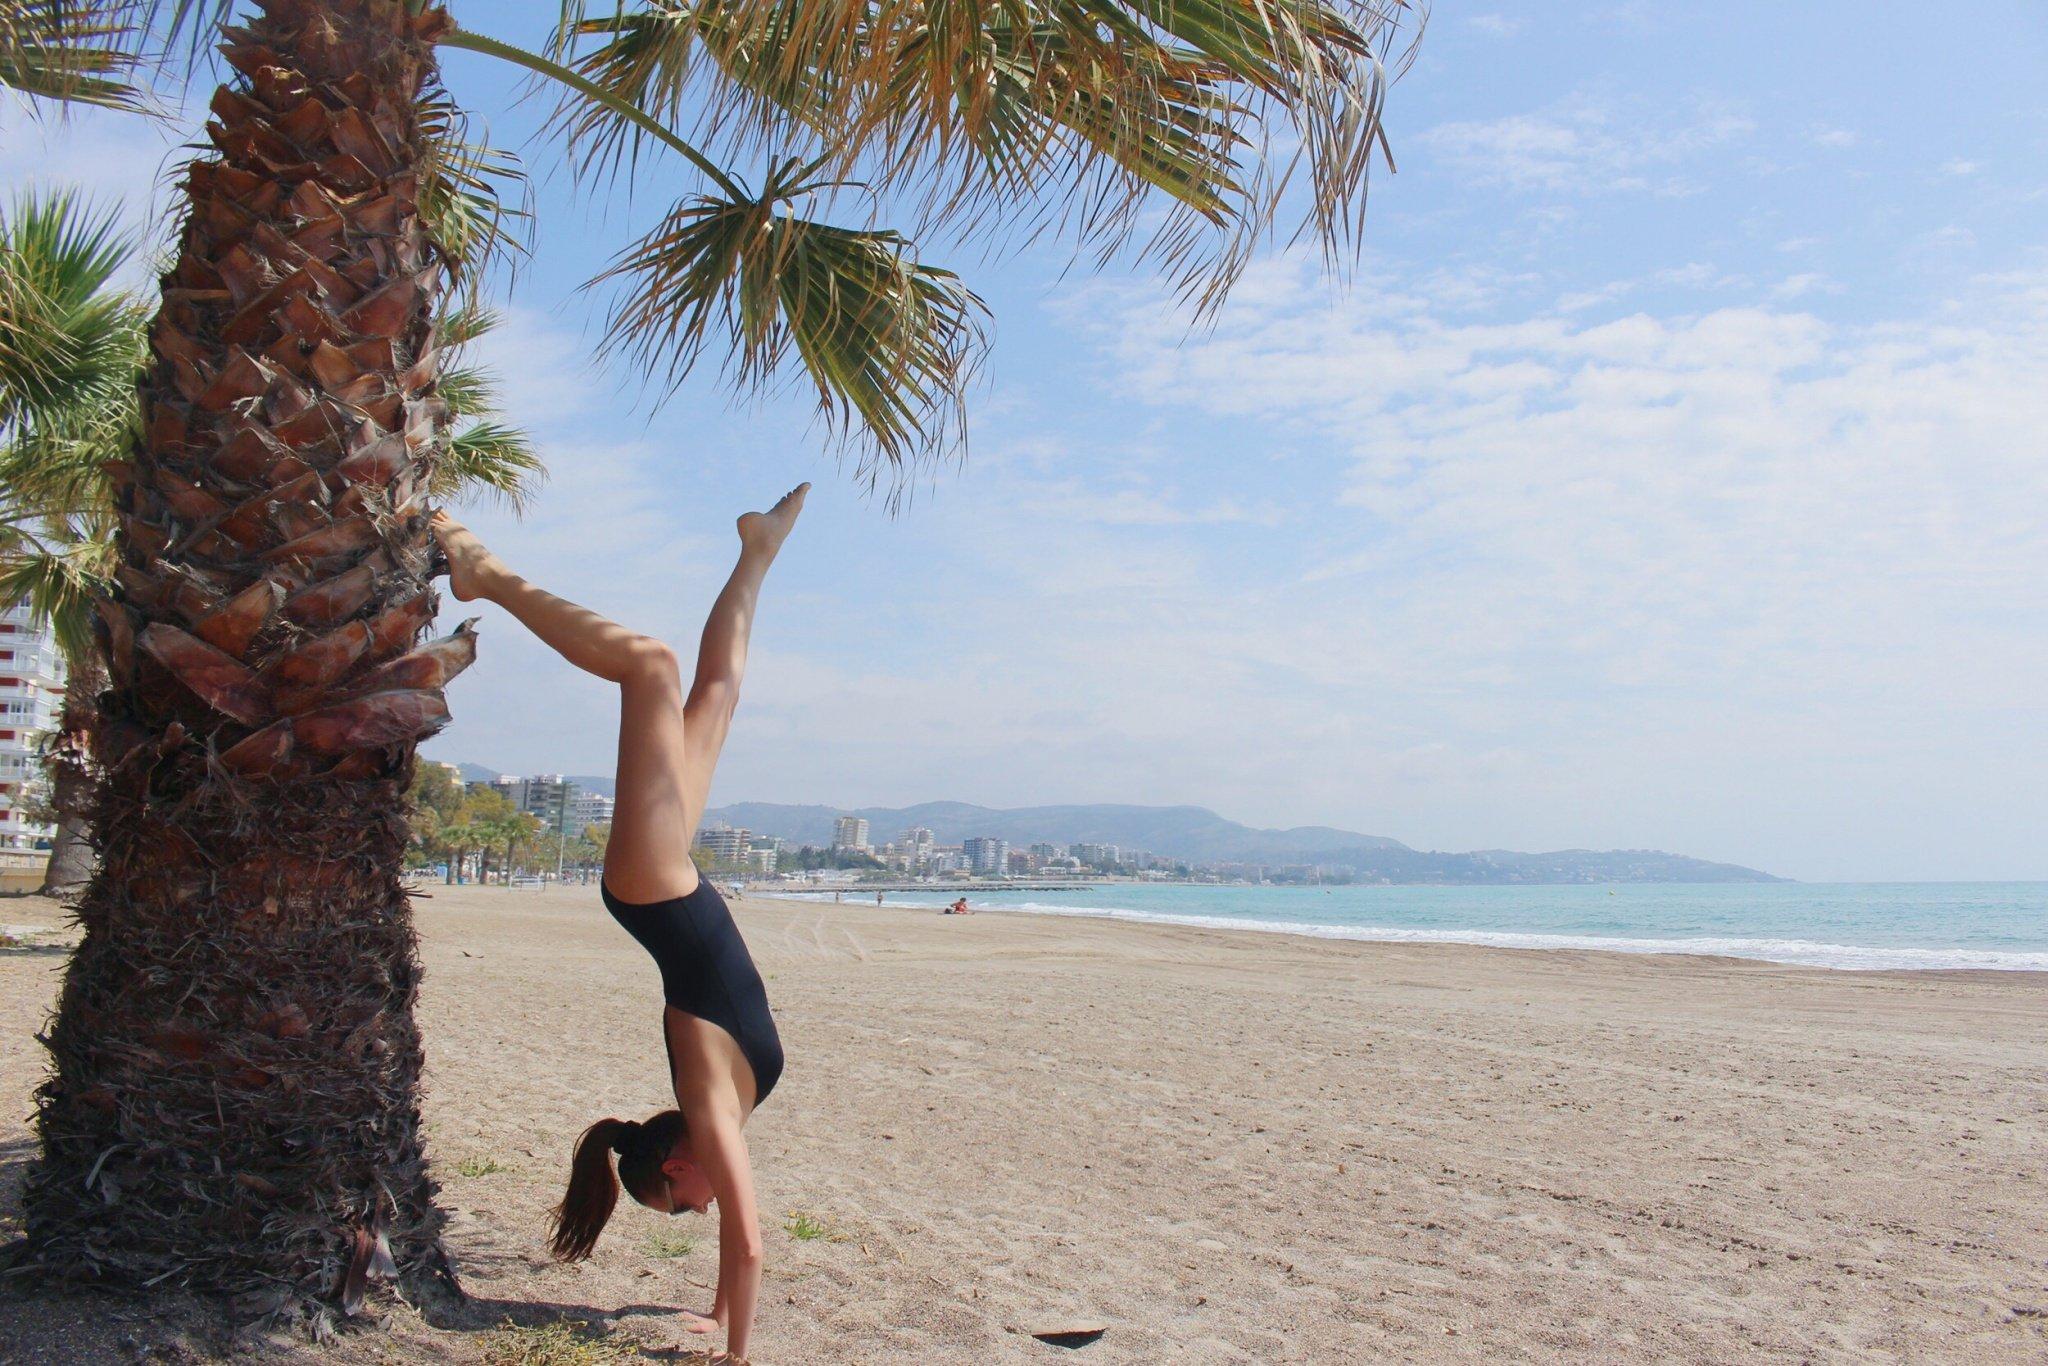 Overall Health and Wellness: My Yoga